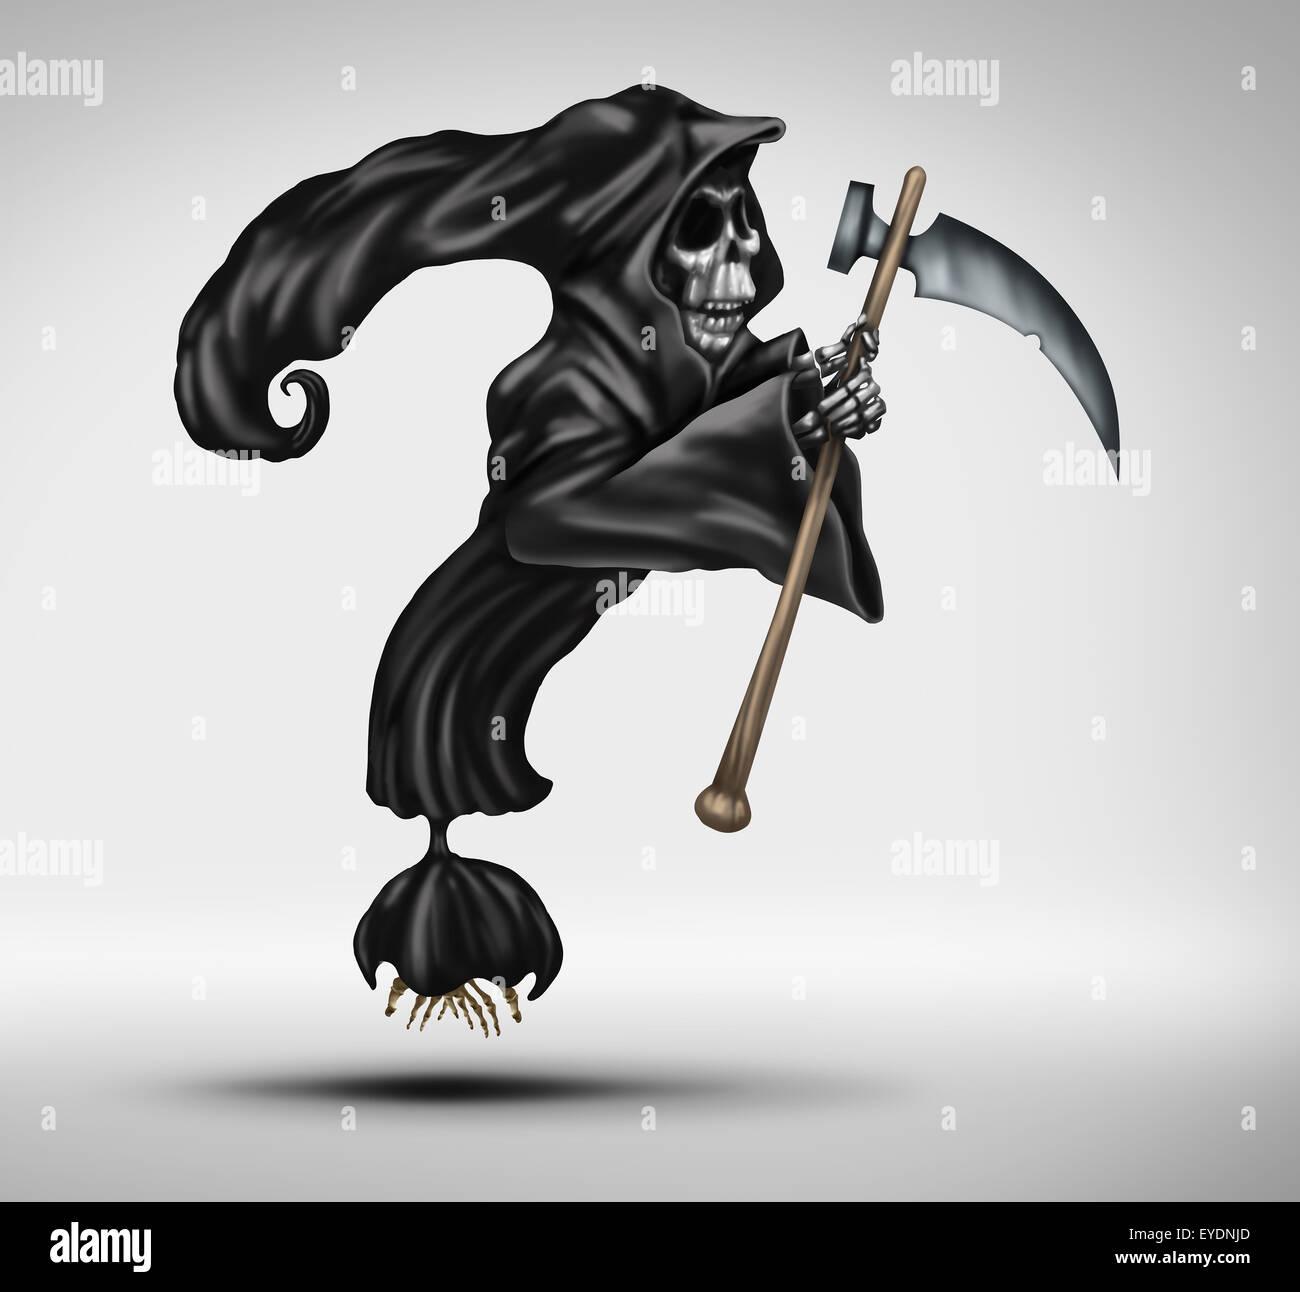 Domanda di mortalità come Grim Reaper o fantasma di morte a forma di caratteri come un punto interrogativo Immagini Stock